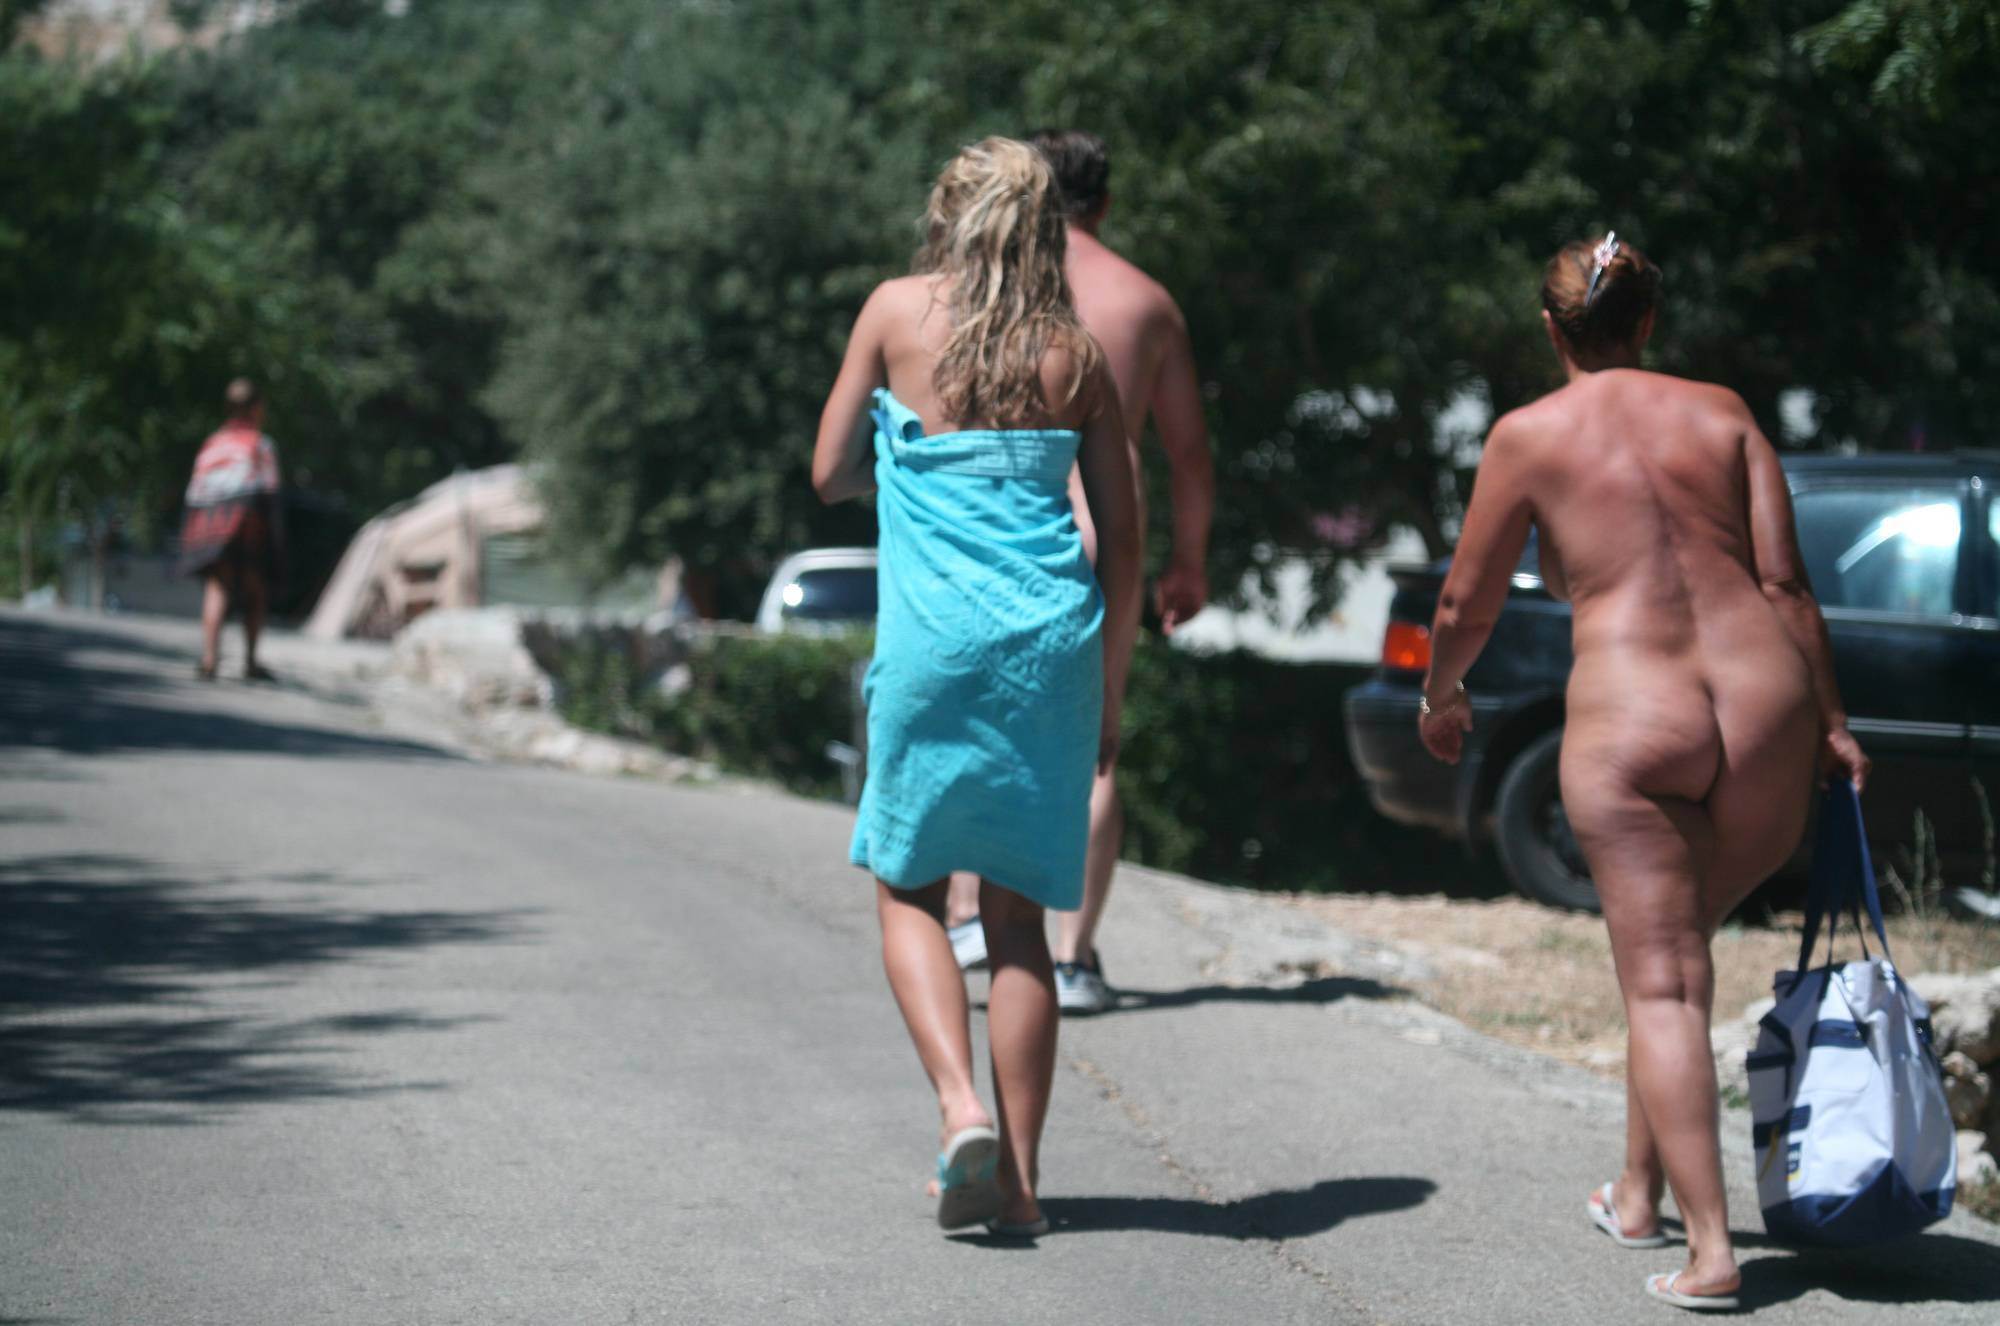 Nudist Photos Avilia FKK Nude Walkers - 1